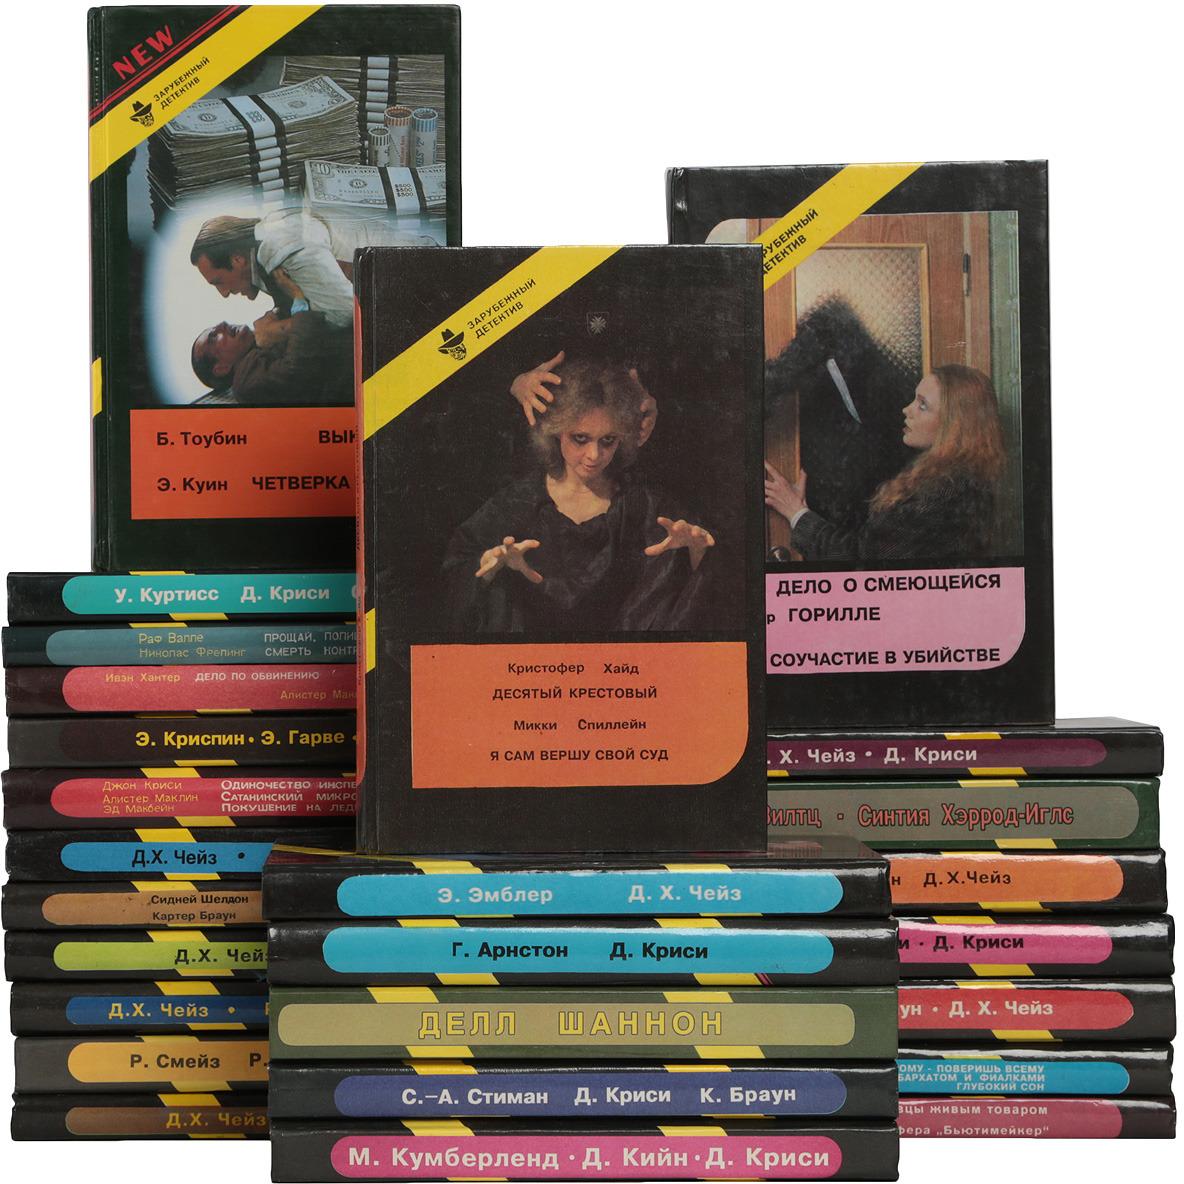 Арнстон Г., Криси Д., Кийн Д., Чейни П., и др. Серия Зарубежный детектив (комплект из 26 книг) серия его величество детектив комплект из 6 книг